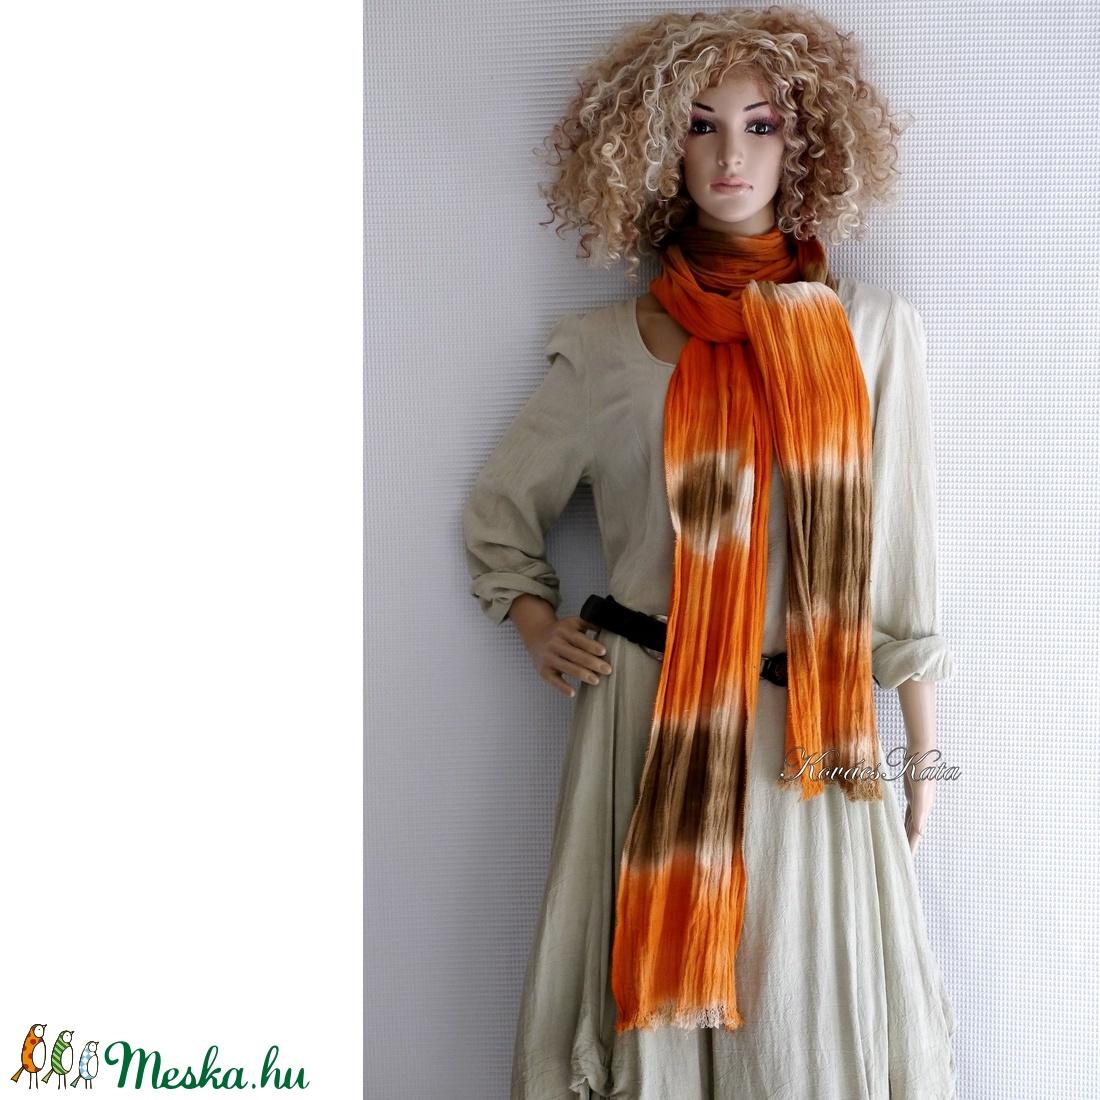 SZAFARI-SÁL / narancs-barna batikolt extra-hosszú gézsál - ruha & divat - sál, sapka, kendő - sál - Meska.hu